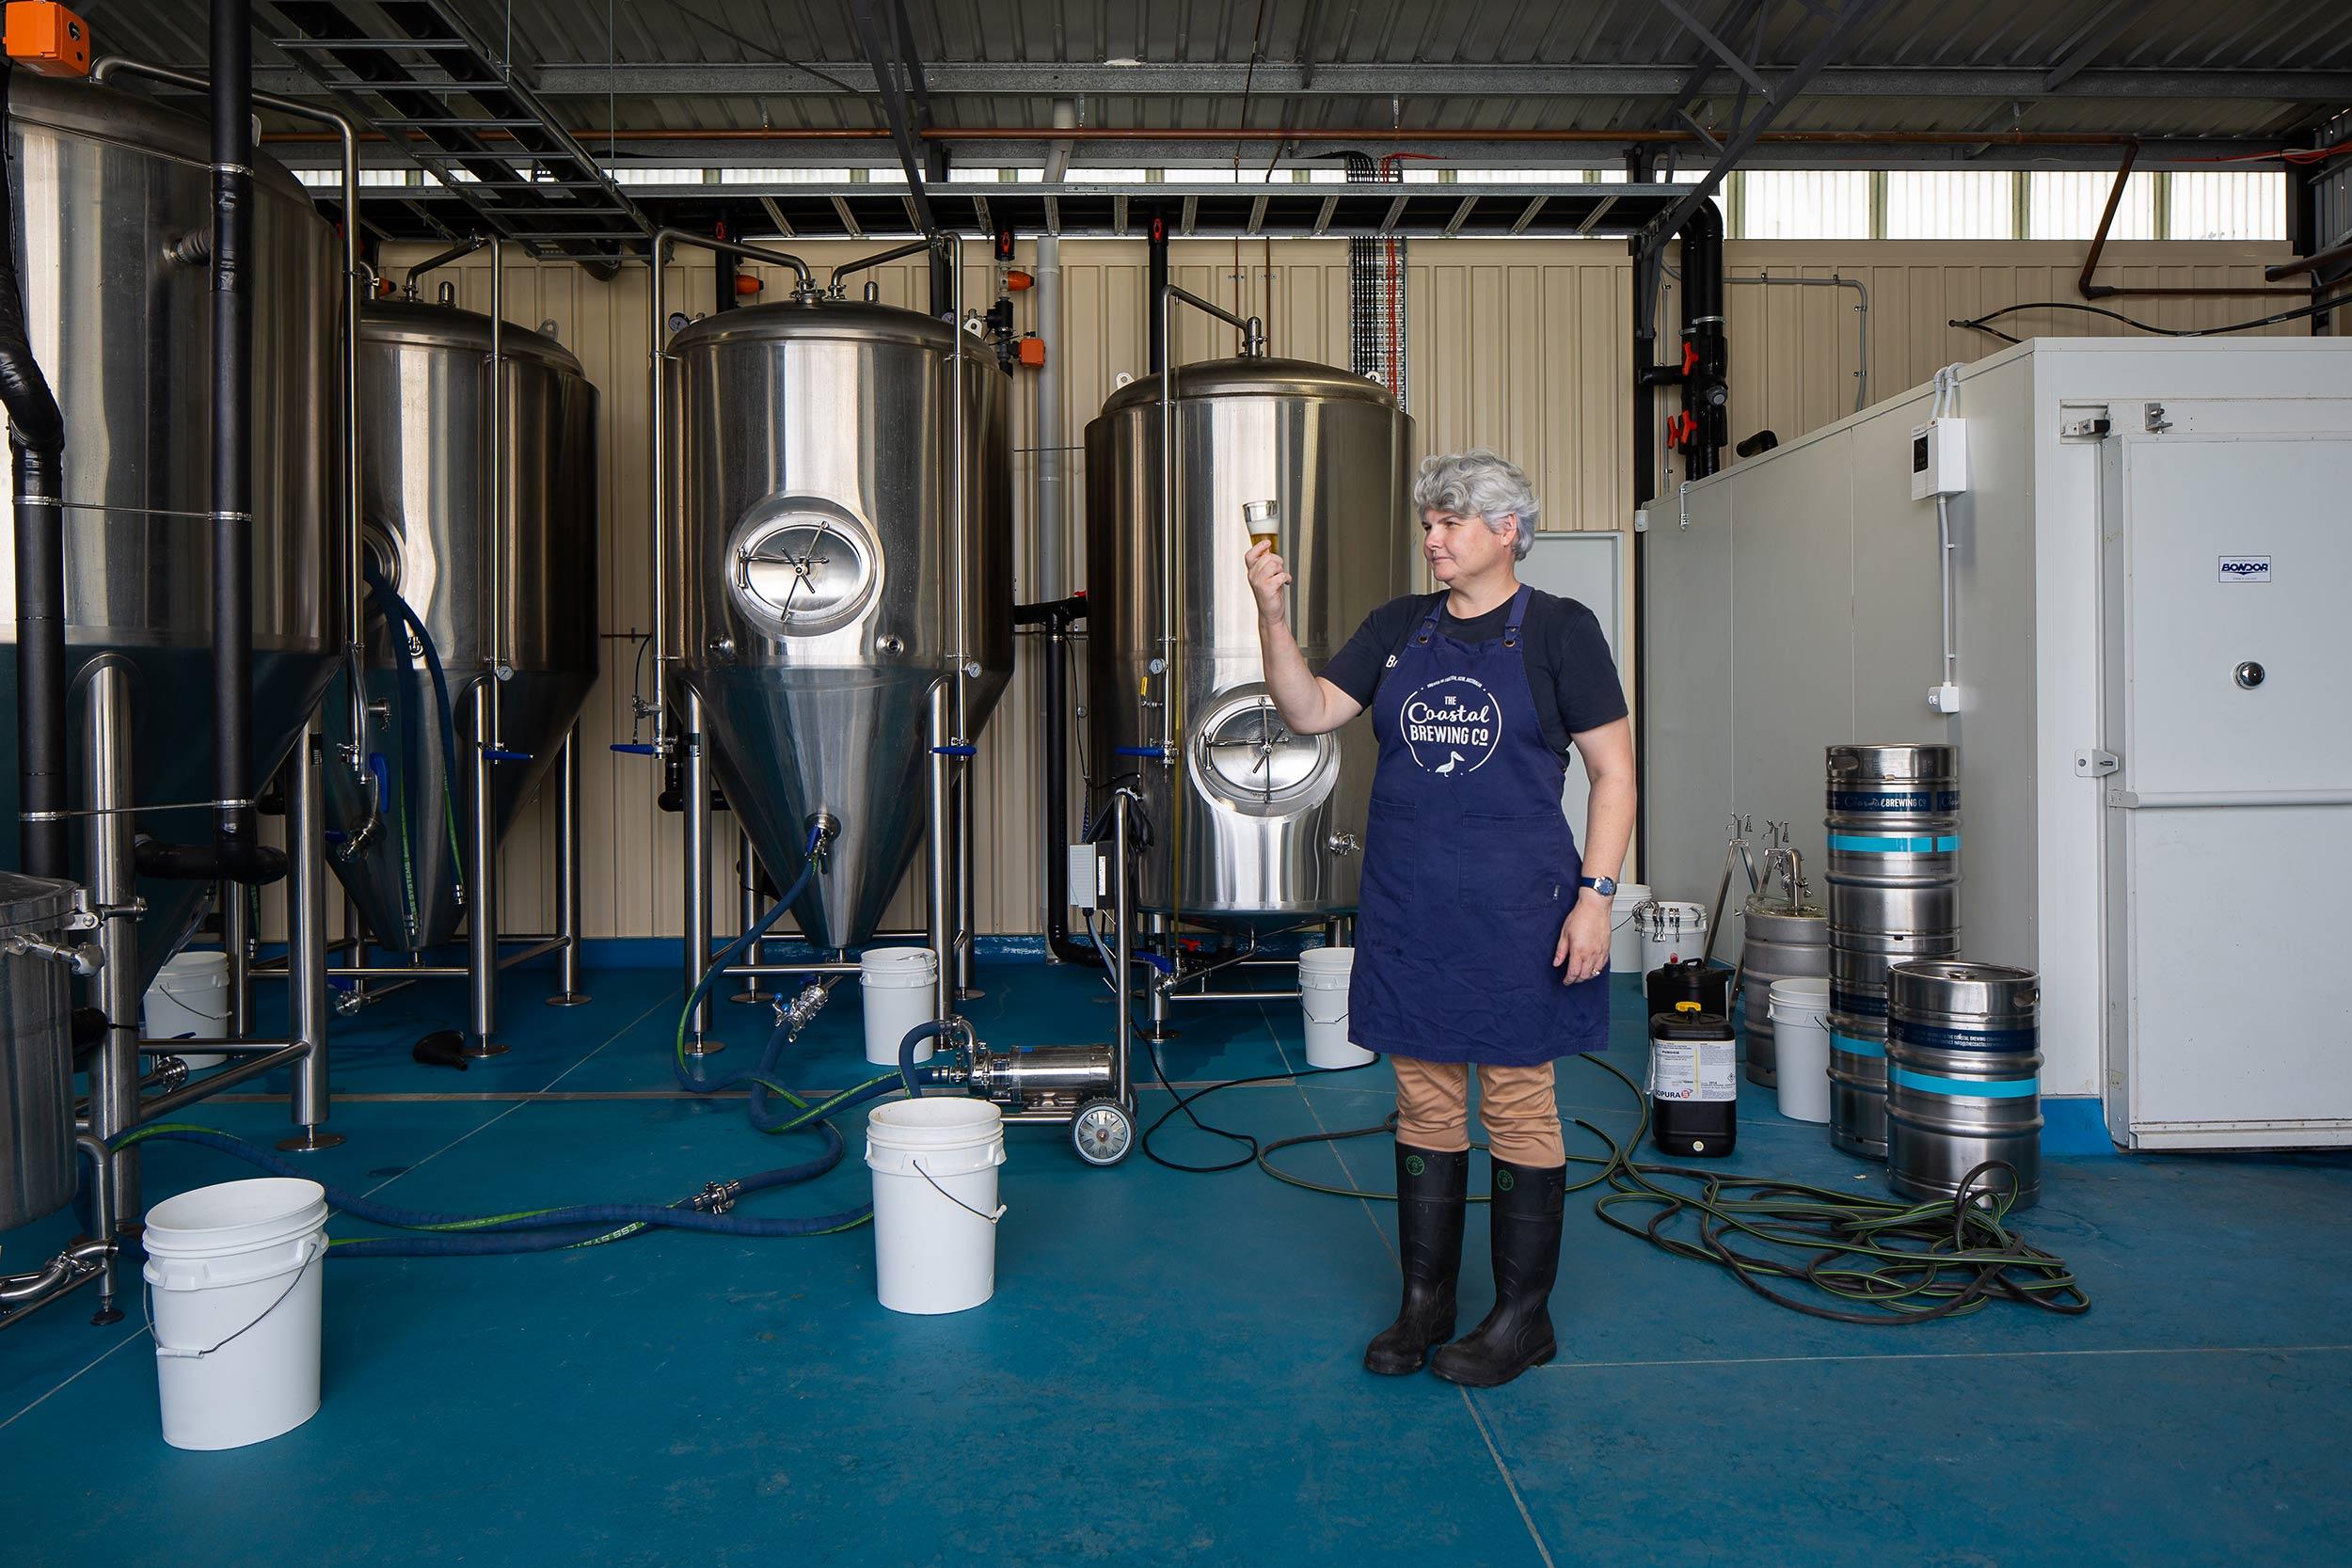 glft-coastal-brewing-micro-brewery-organic-ingredients.jpg